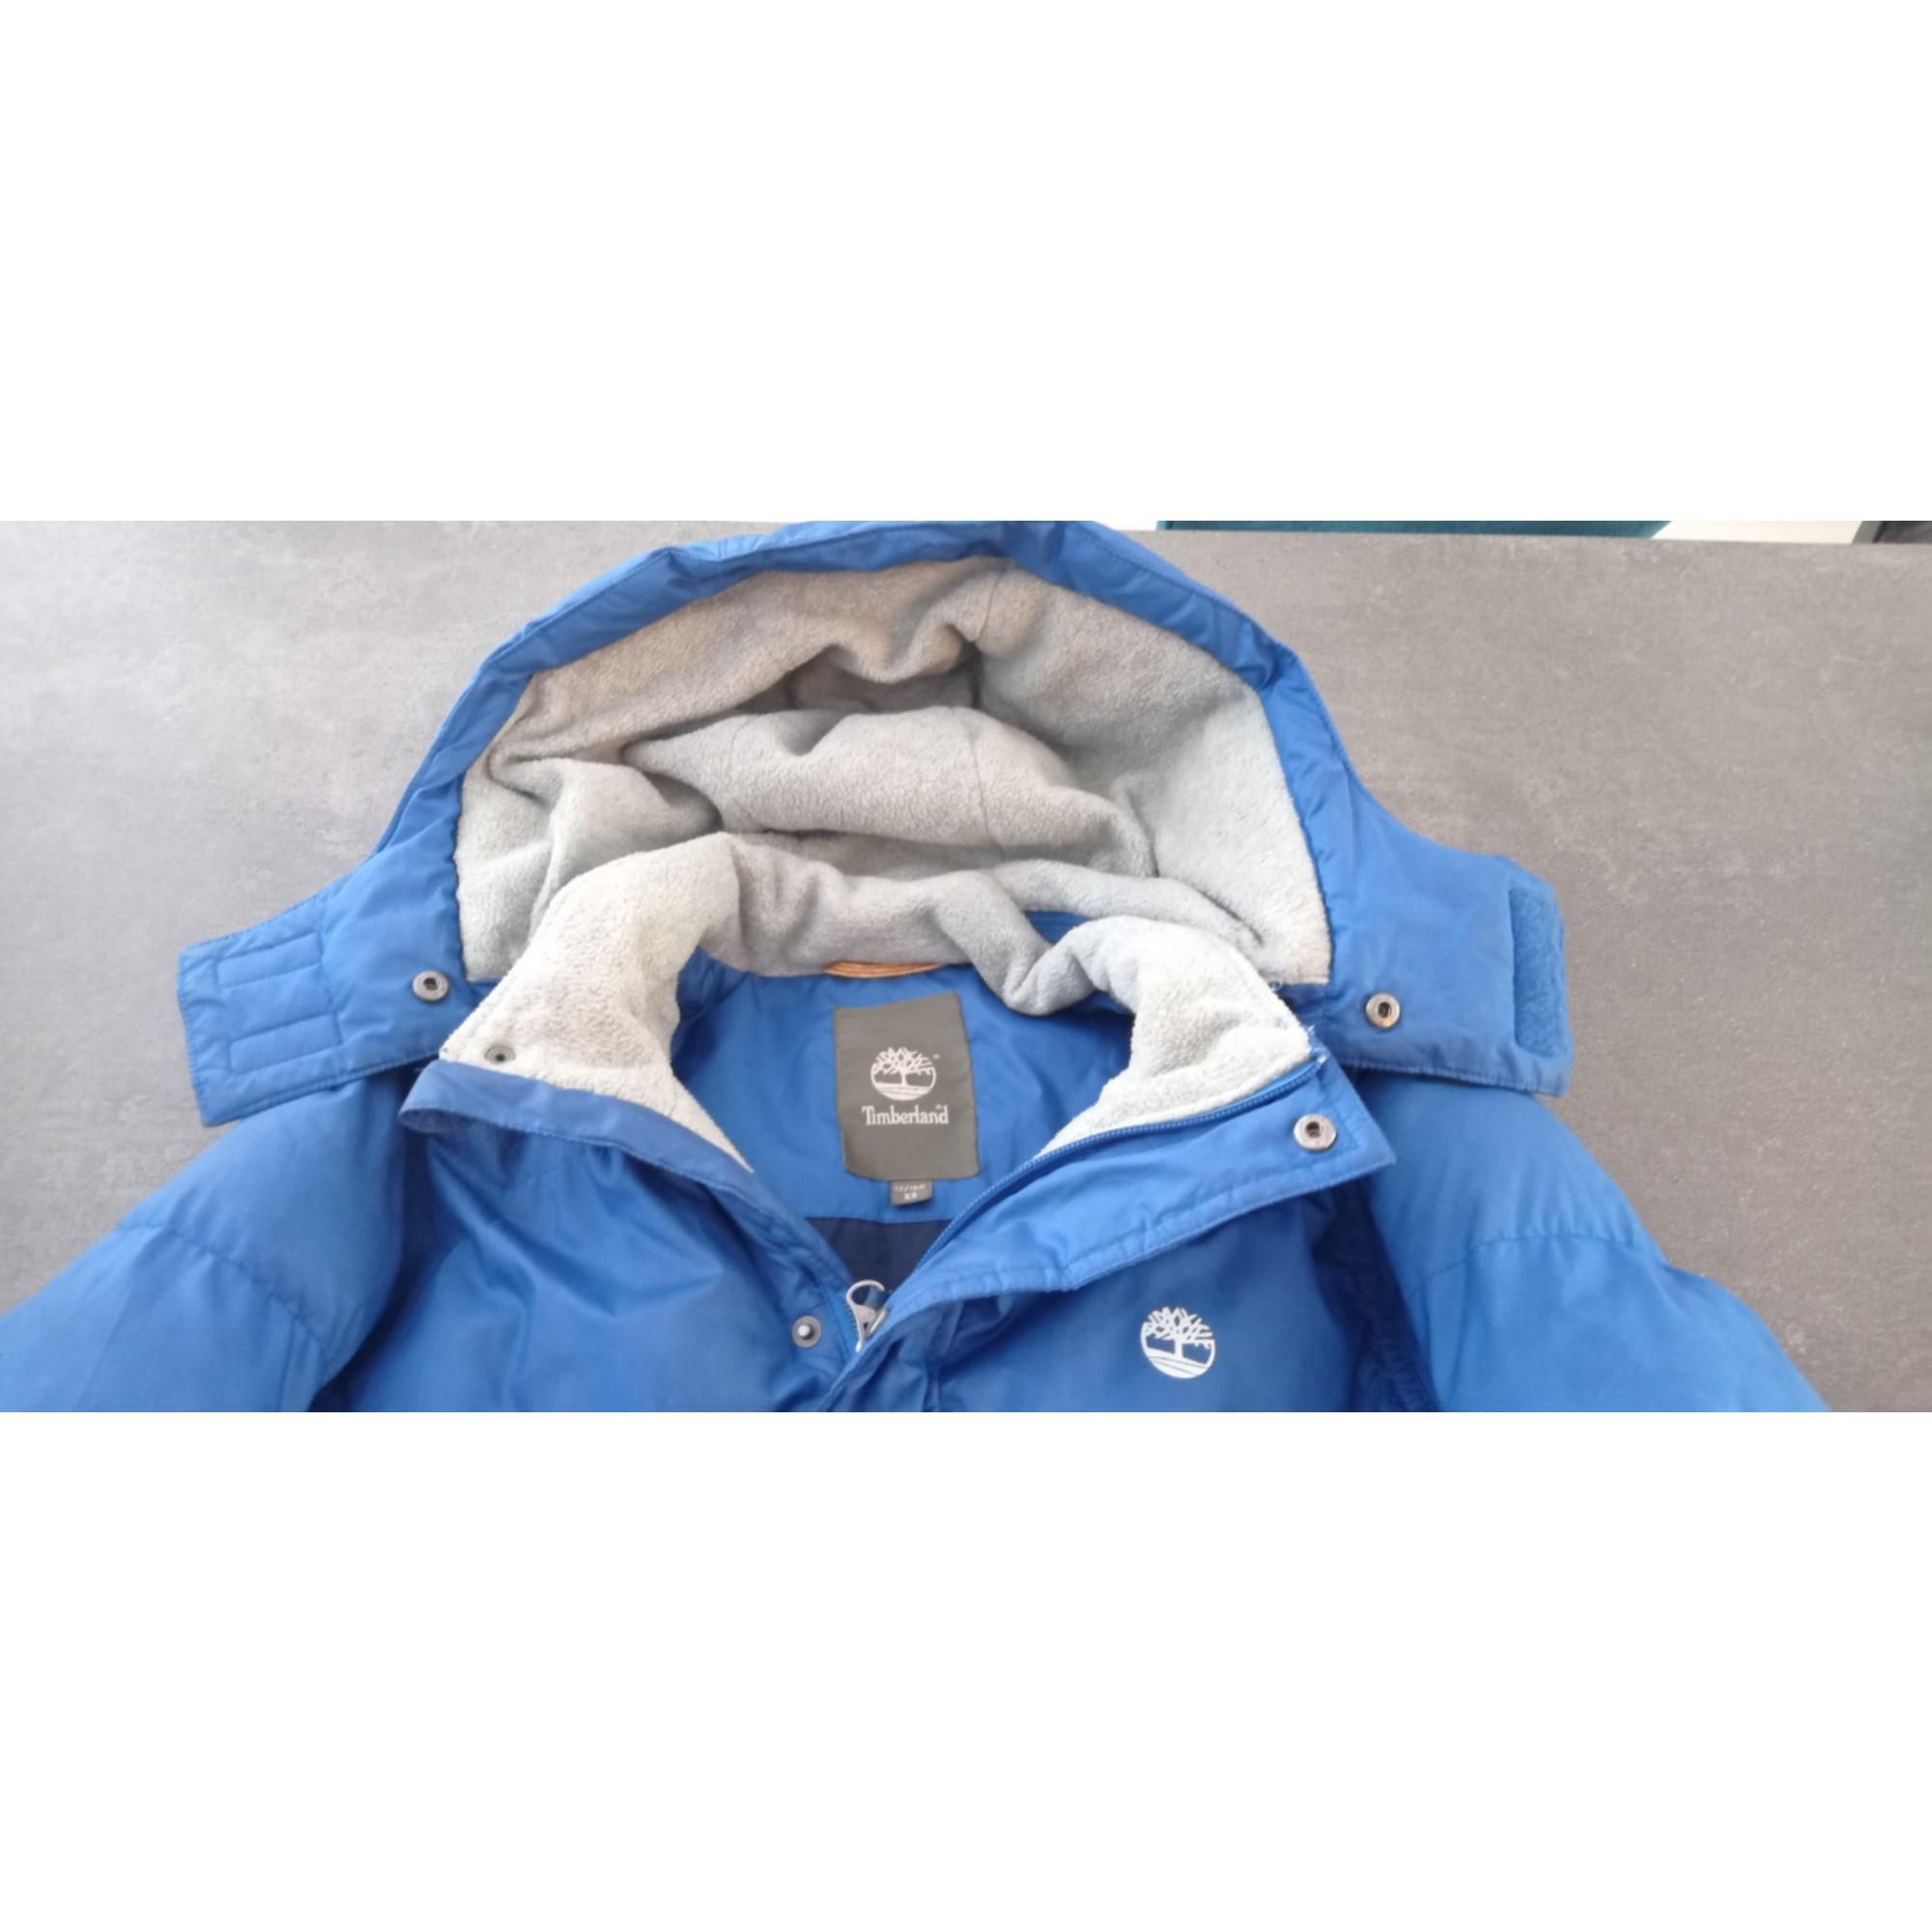 Doudoune TIMBERLAND Bleu, bleu marine, bleu turquoise